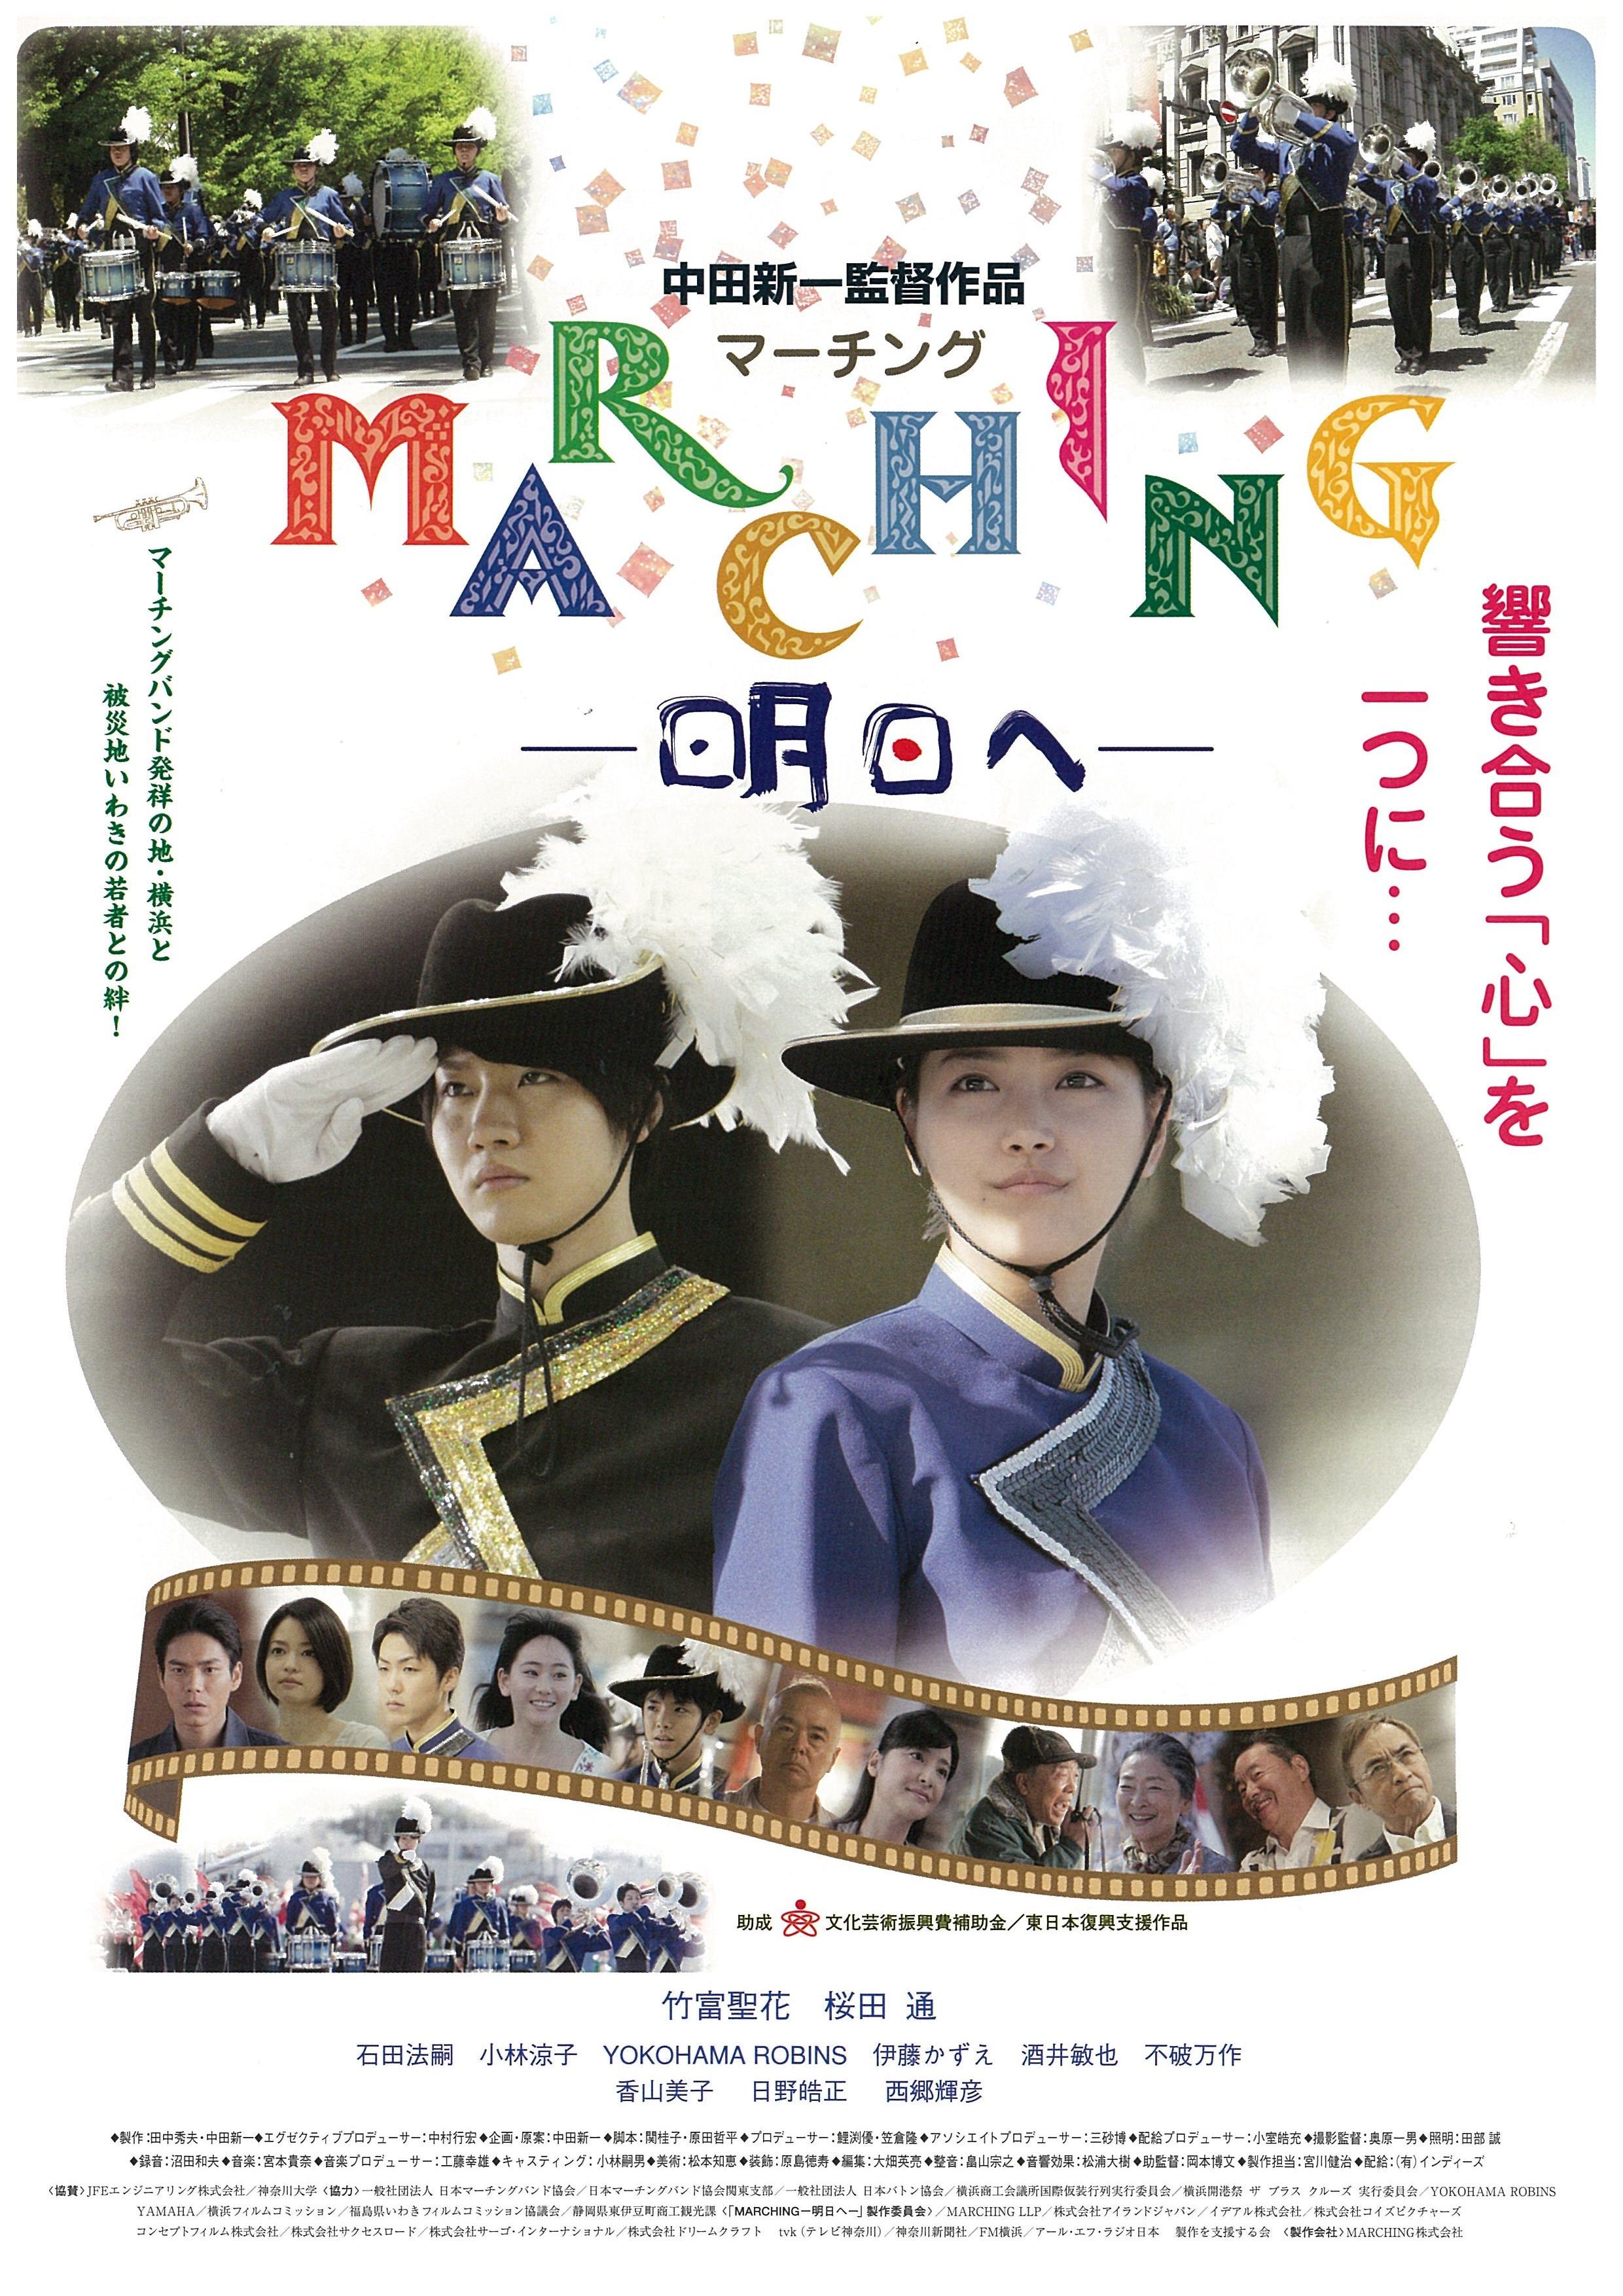 映画「MARCHING-明日へ-」特別上映会